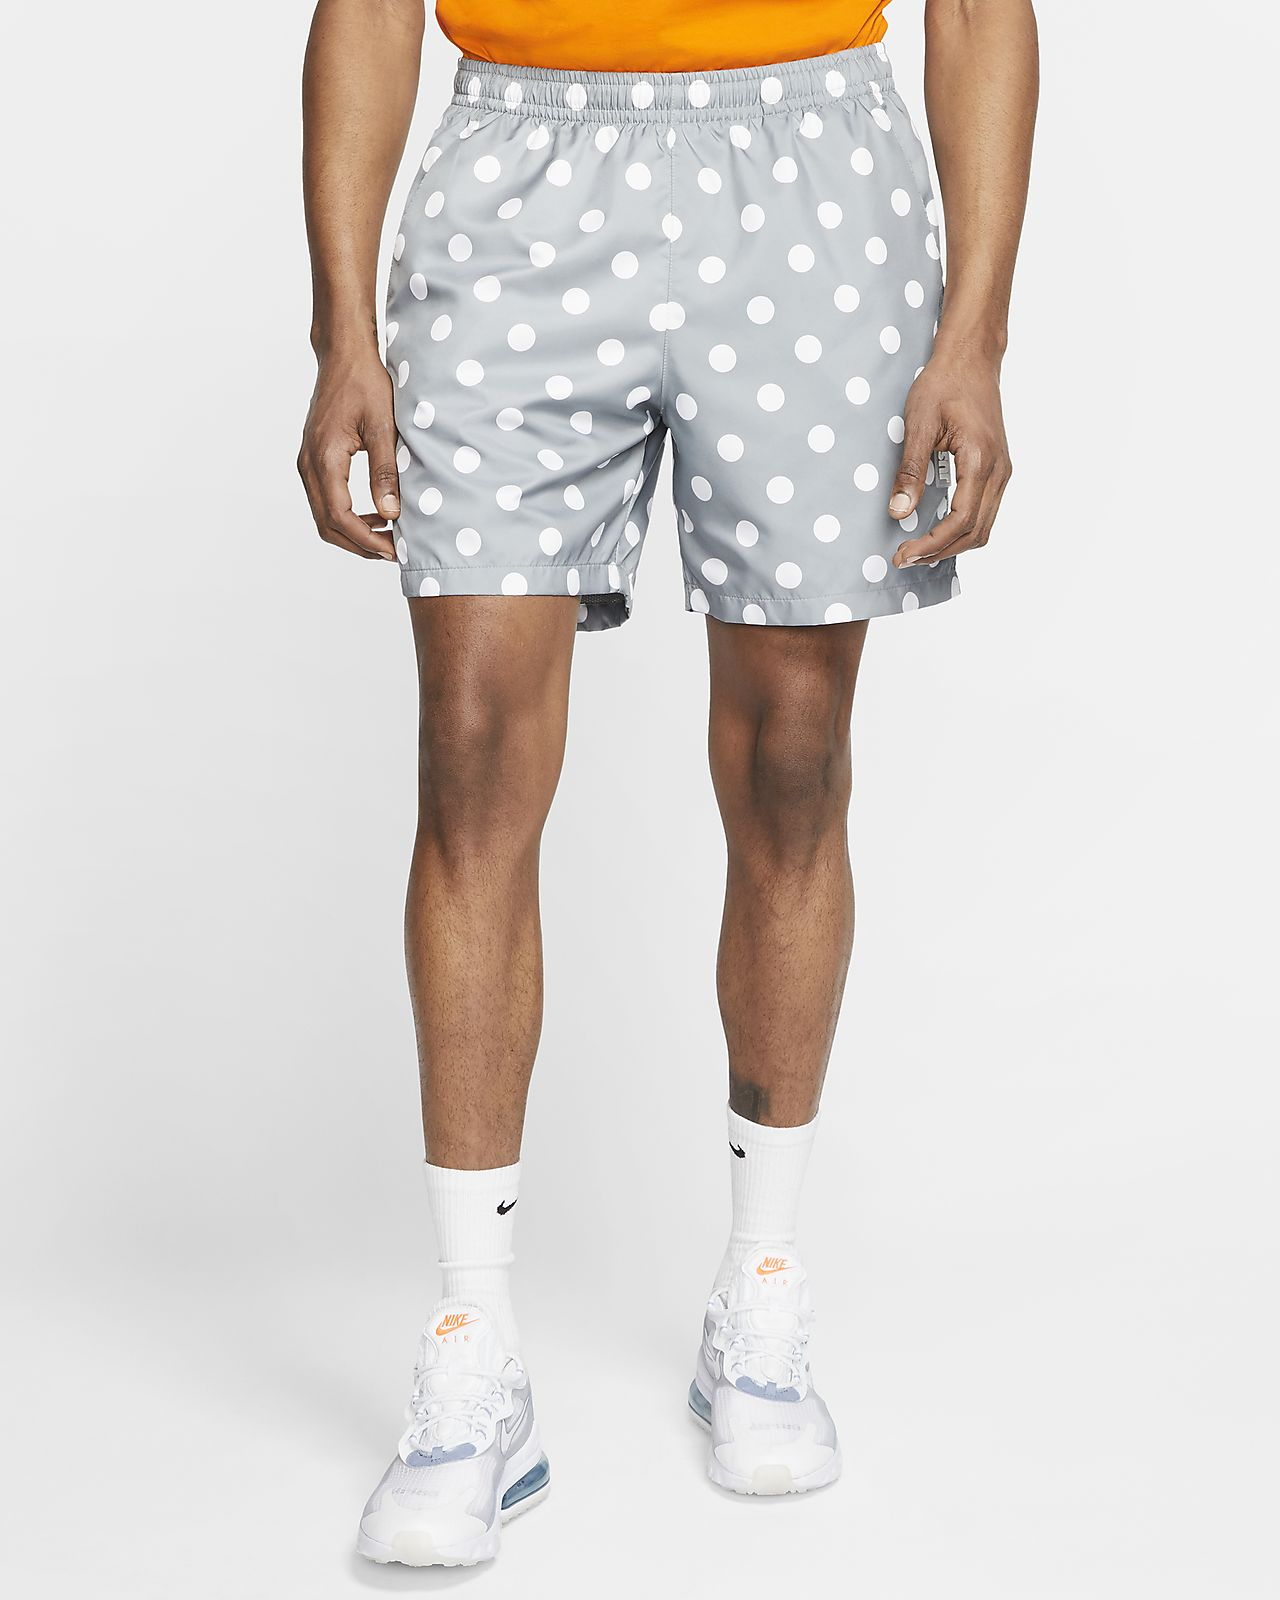 Shorts de tejido Woven para hombre Nike Sportswear JDI